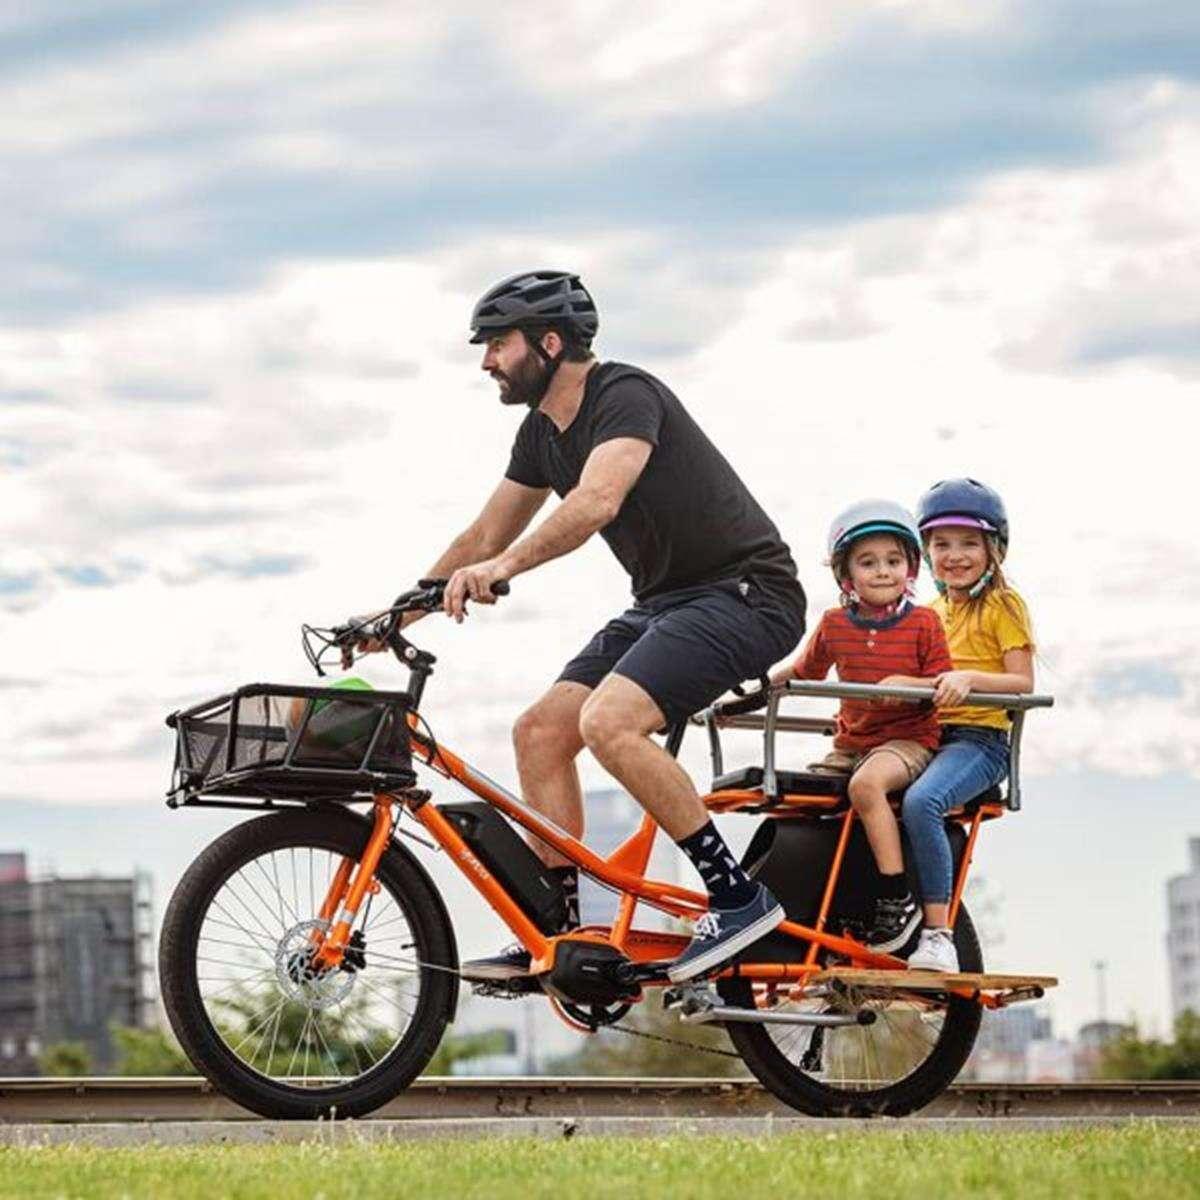 Elektryczny rower towarowy Yuba Kombi E5, Elektryczny rower towarowy Yuba, Elektryczny rower towarowy